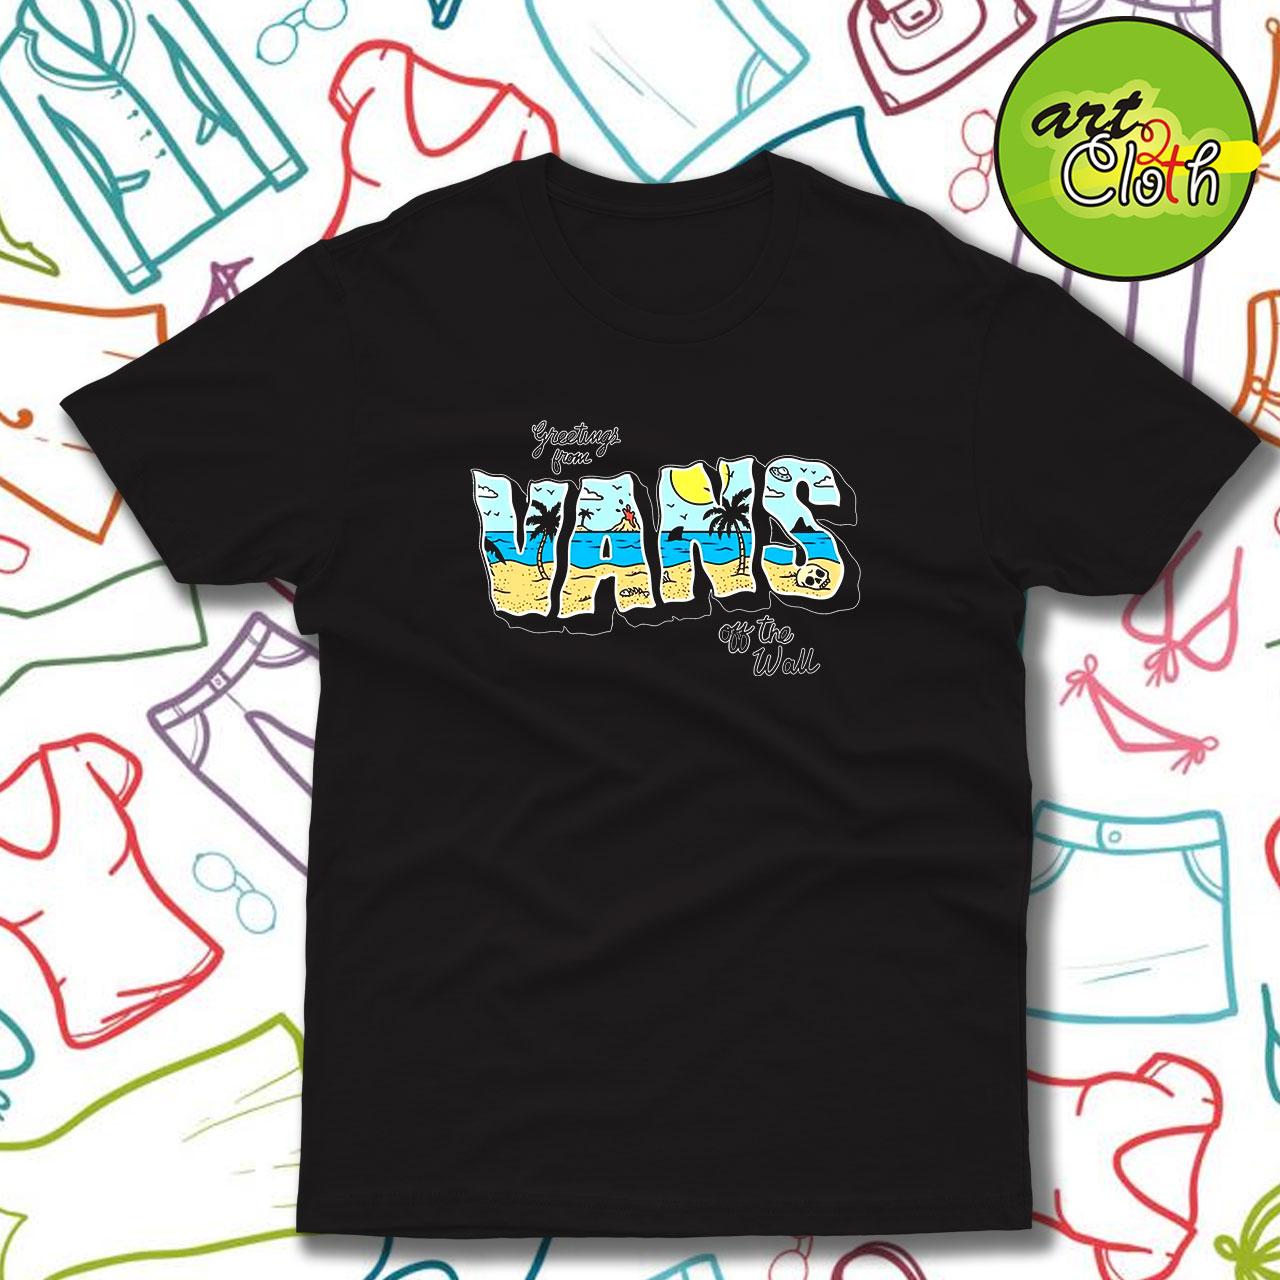 vans summer 90s t shirt custom t shirts design art2cloth com art2cloth com